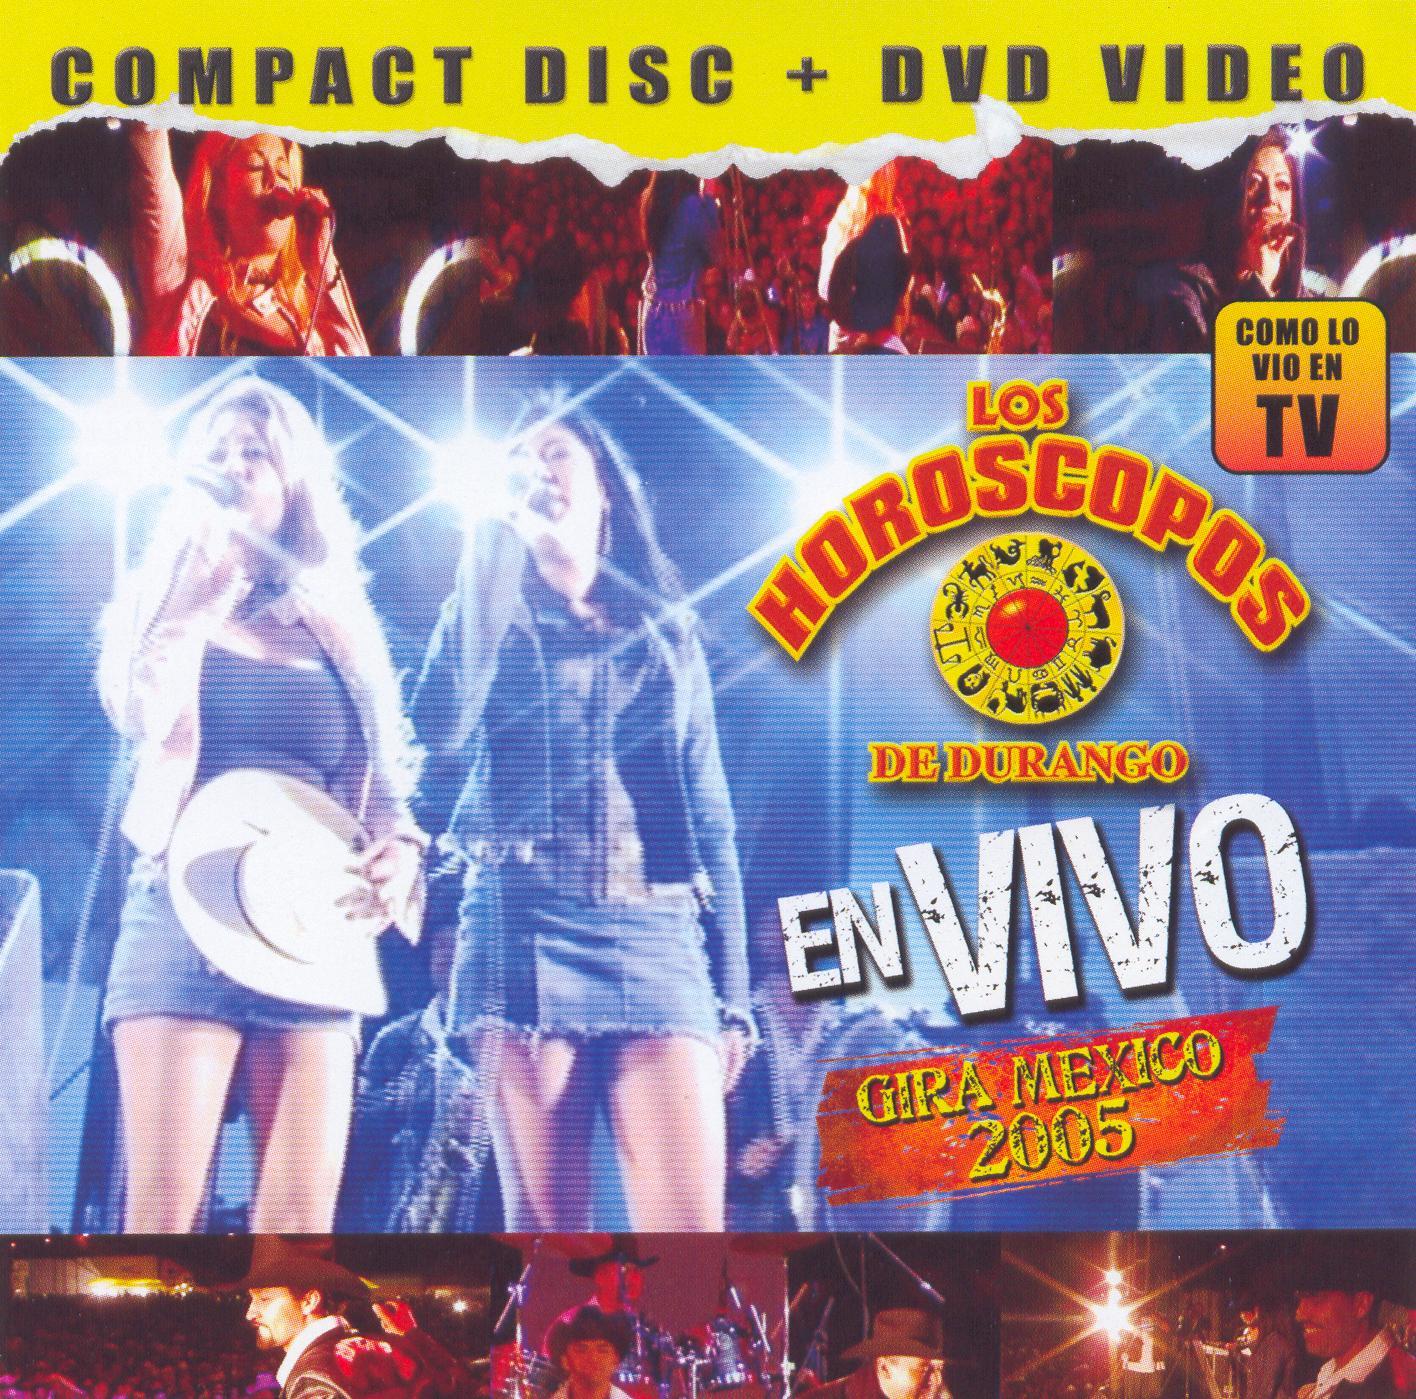 Los Horoscopos de Durango: En Vivo Gira Mexico 2005